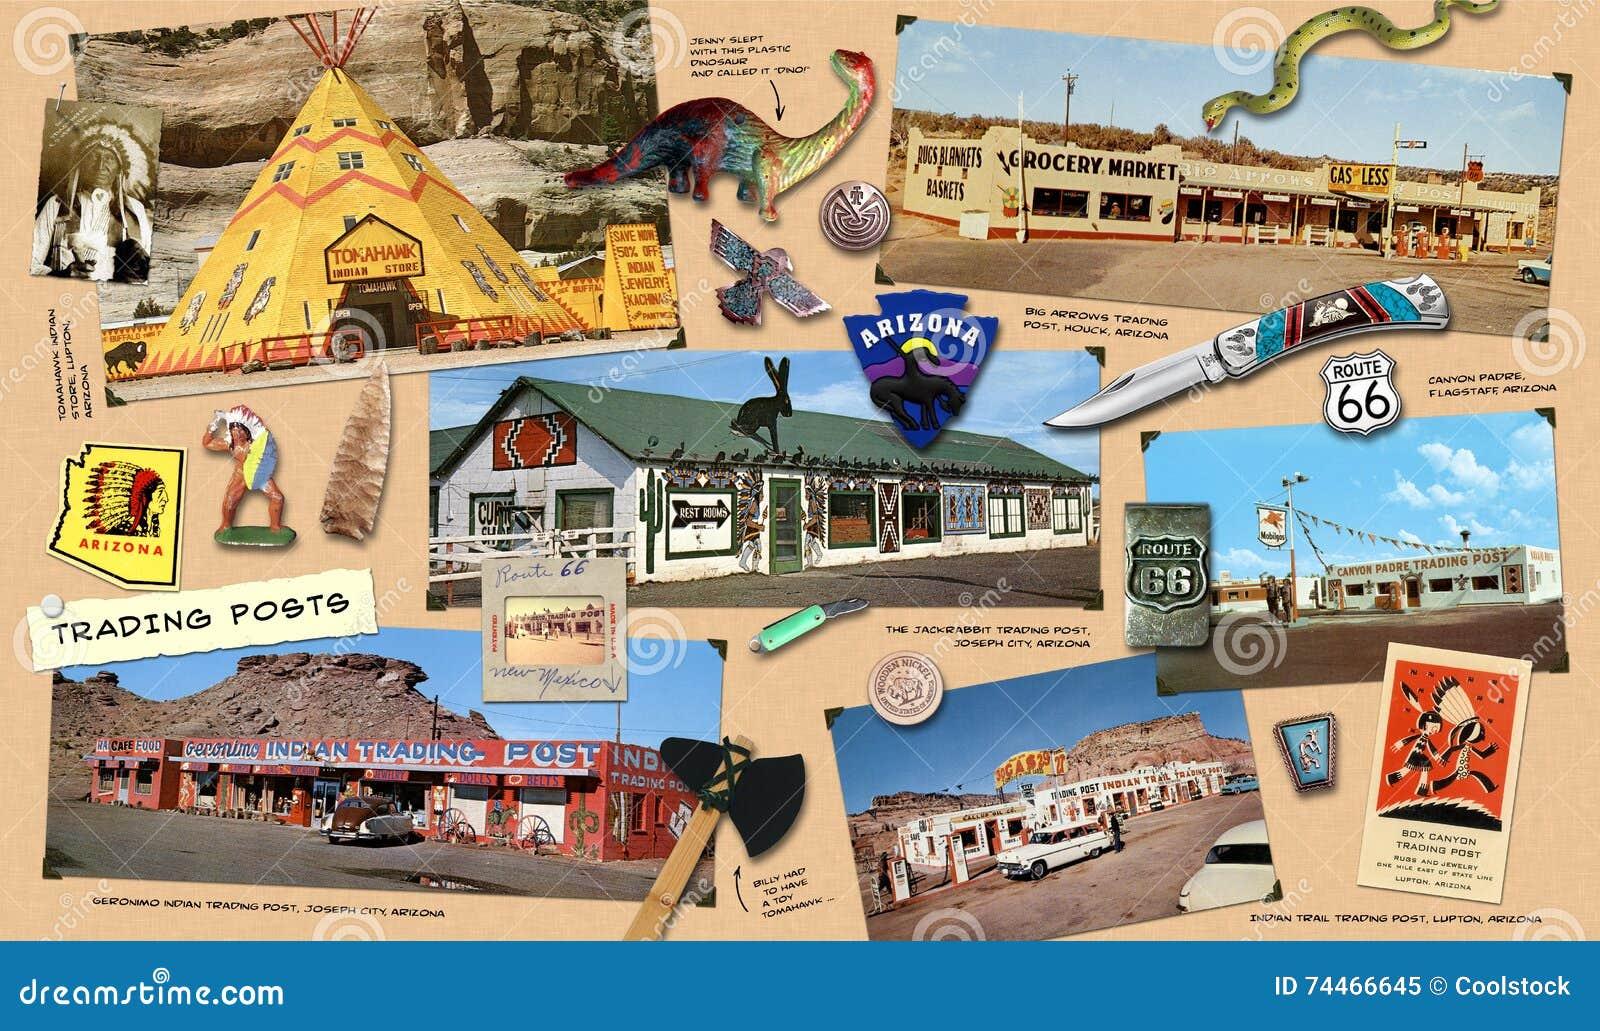 Route 66 die Posten uitwisselen